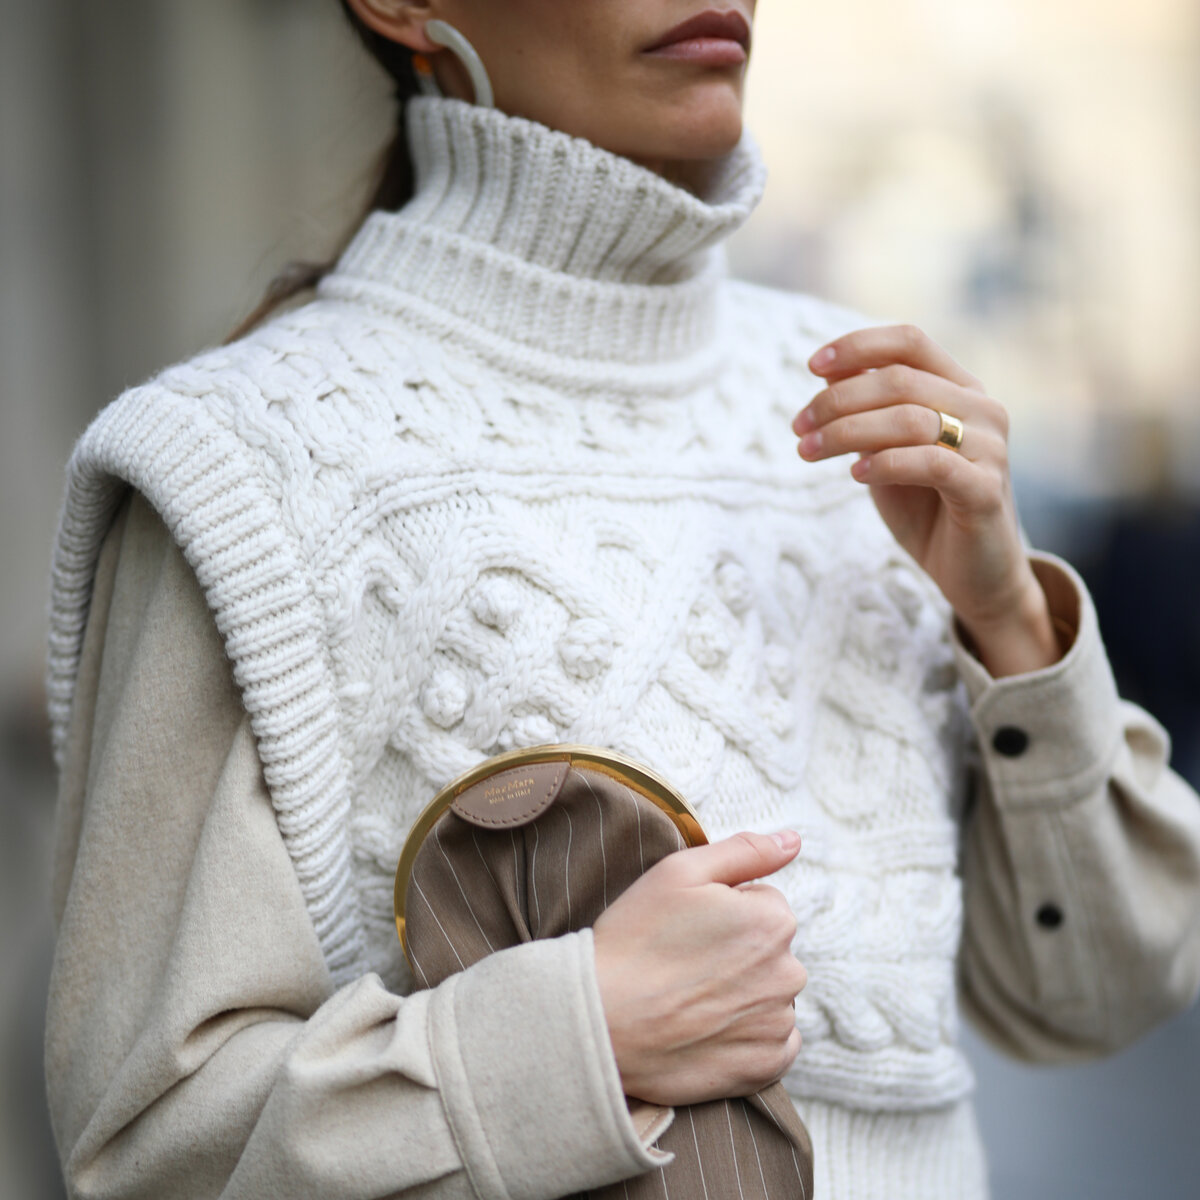 Вязаная жилетка на женщине. /Фото: instyle.gr